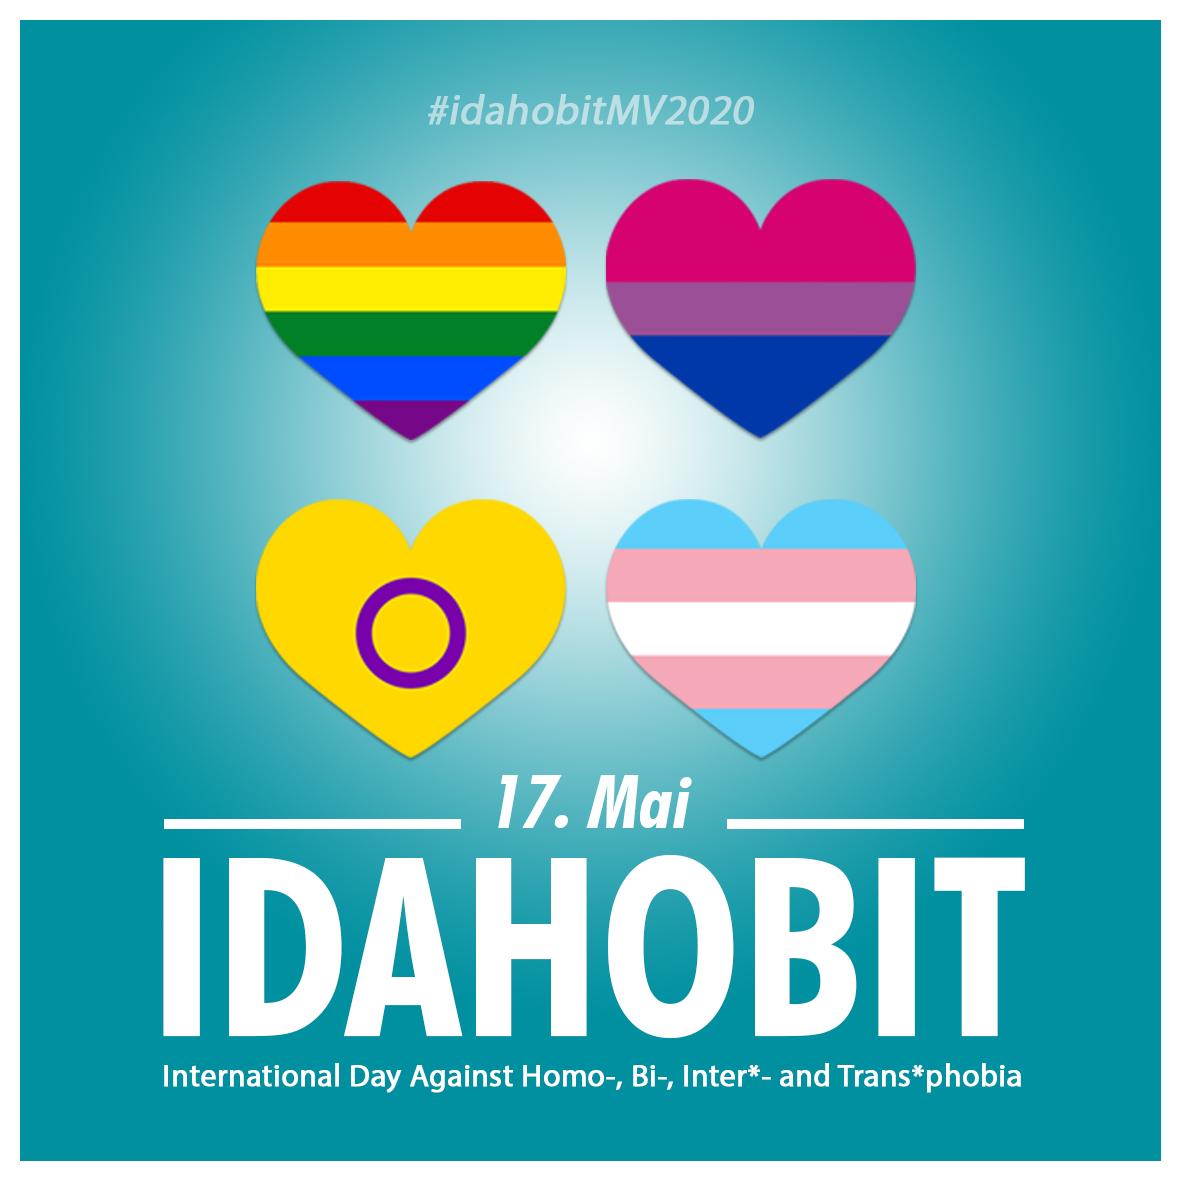 """Bild mit dem Titel """"IDAHOBIT 17. Mai Zu sehen sind 4 bunte Herzen auf blauem Hintergrund"""